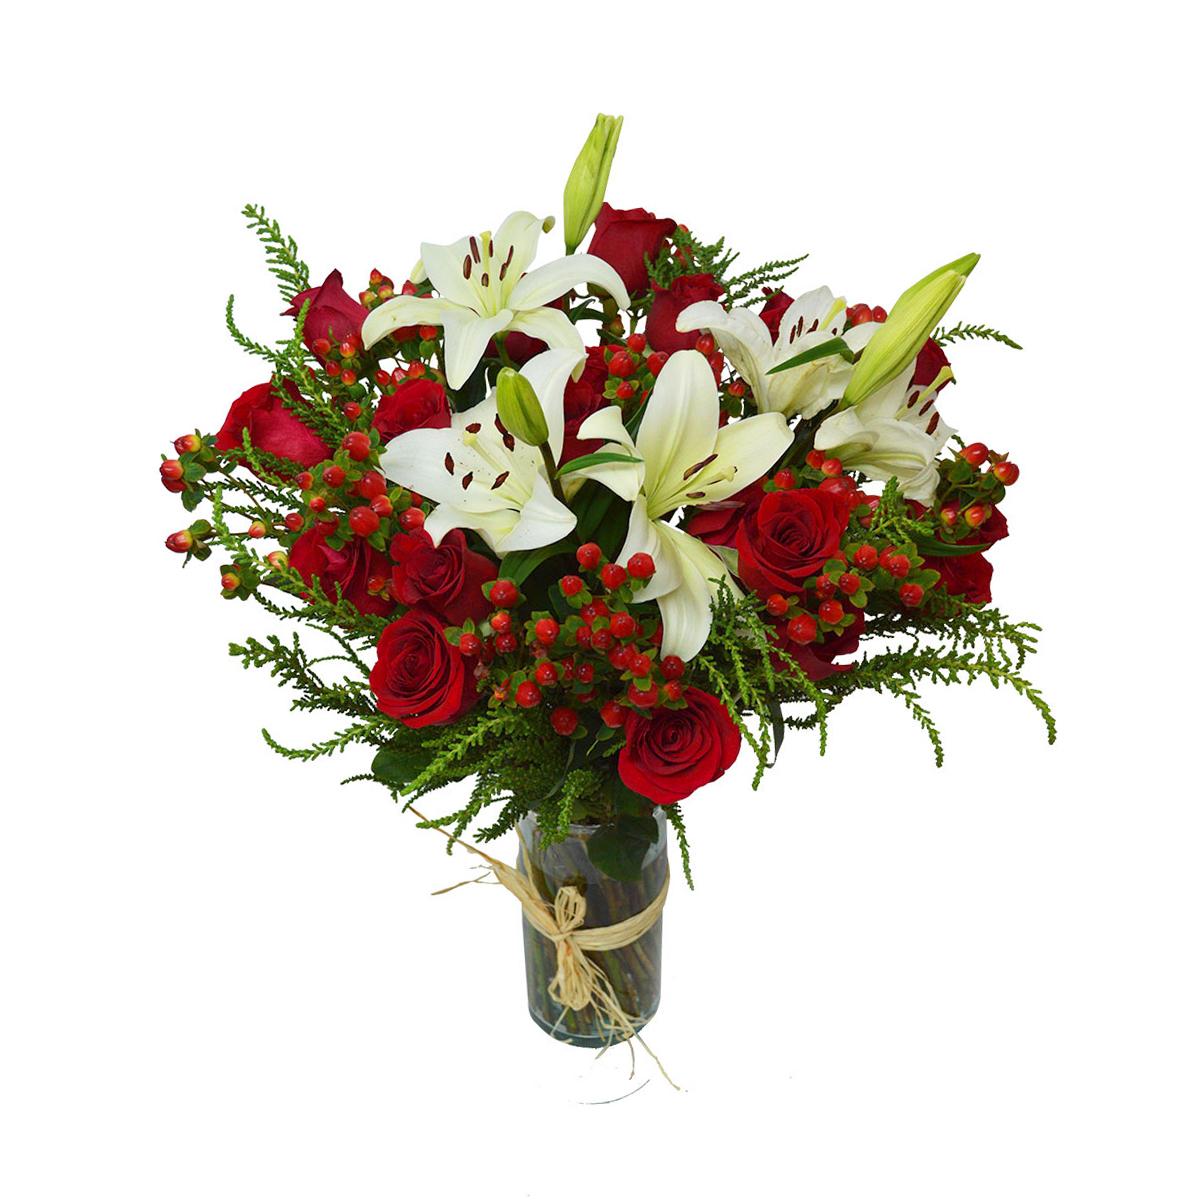 Floreros Mixto con Lilium, Hypericum y Rosas